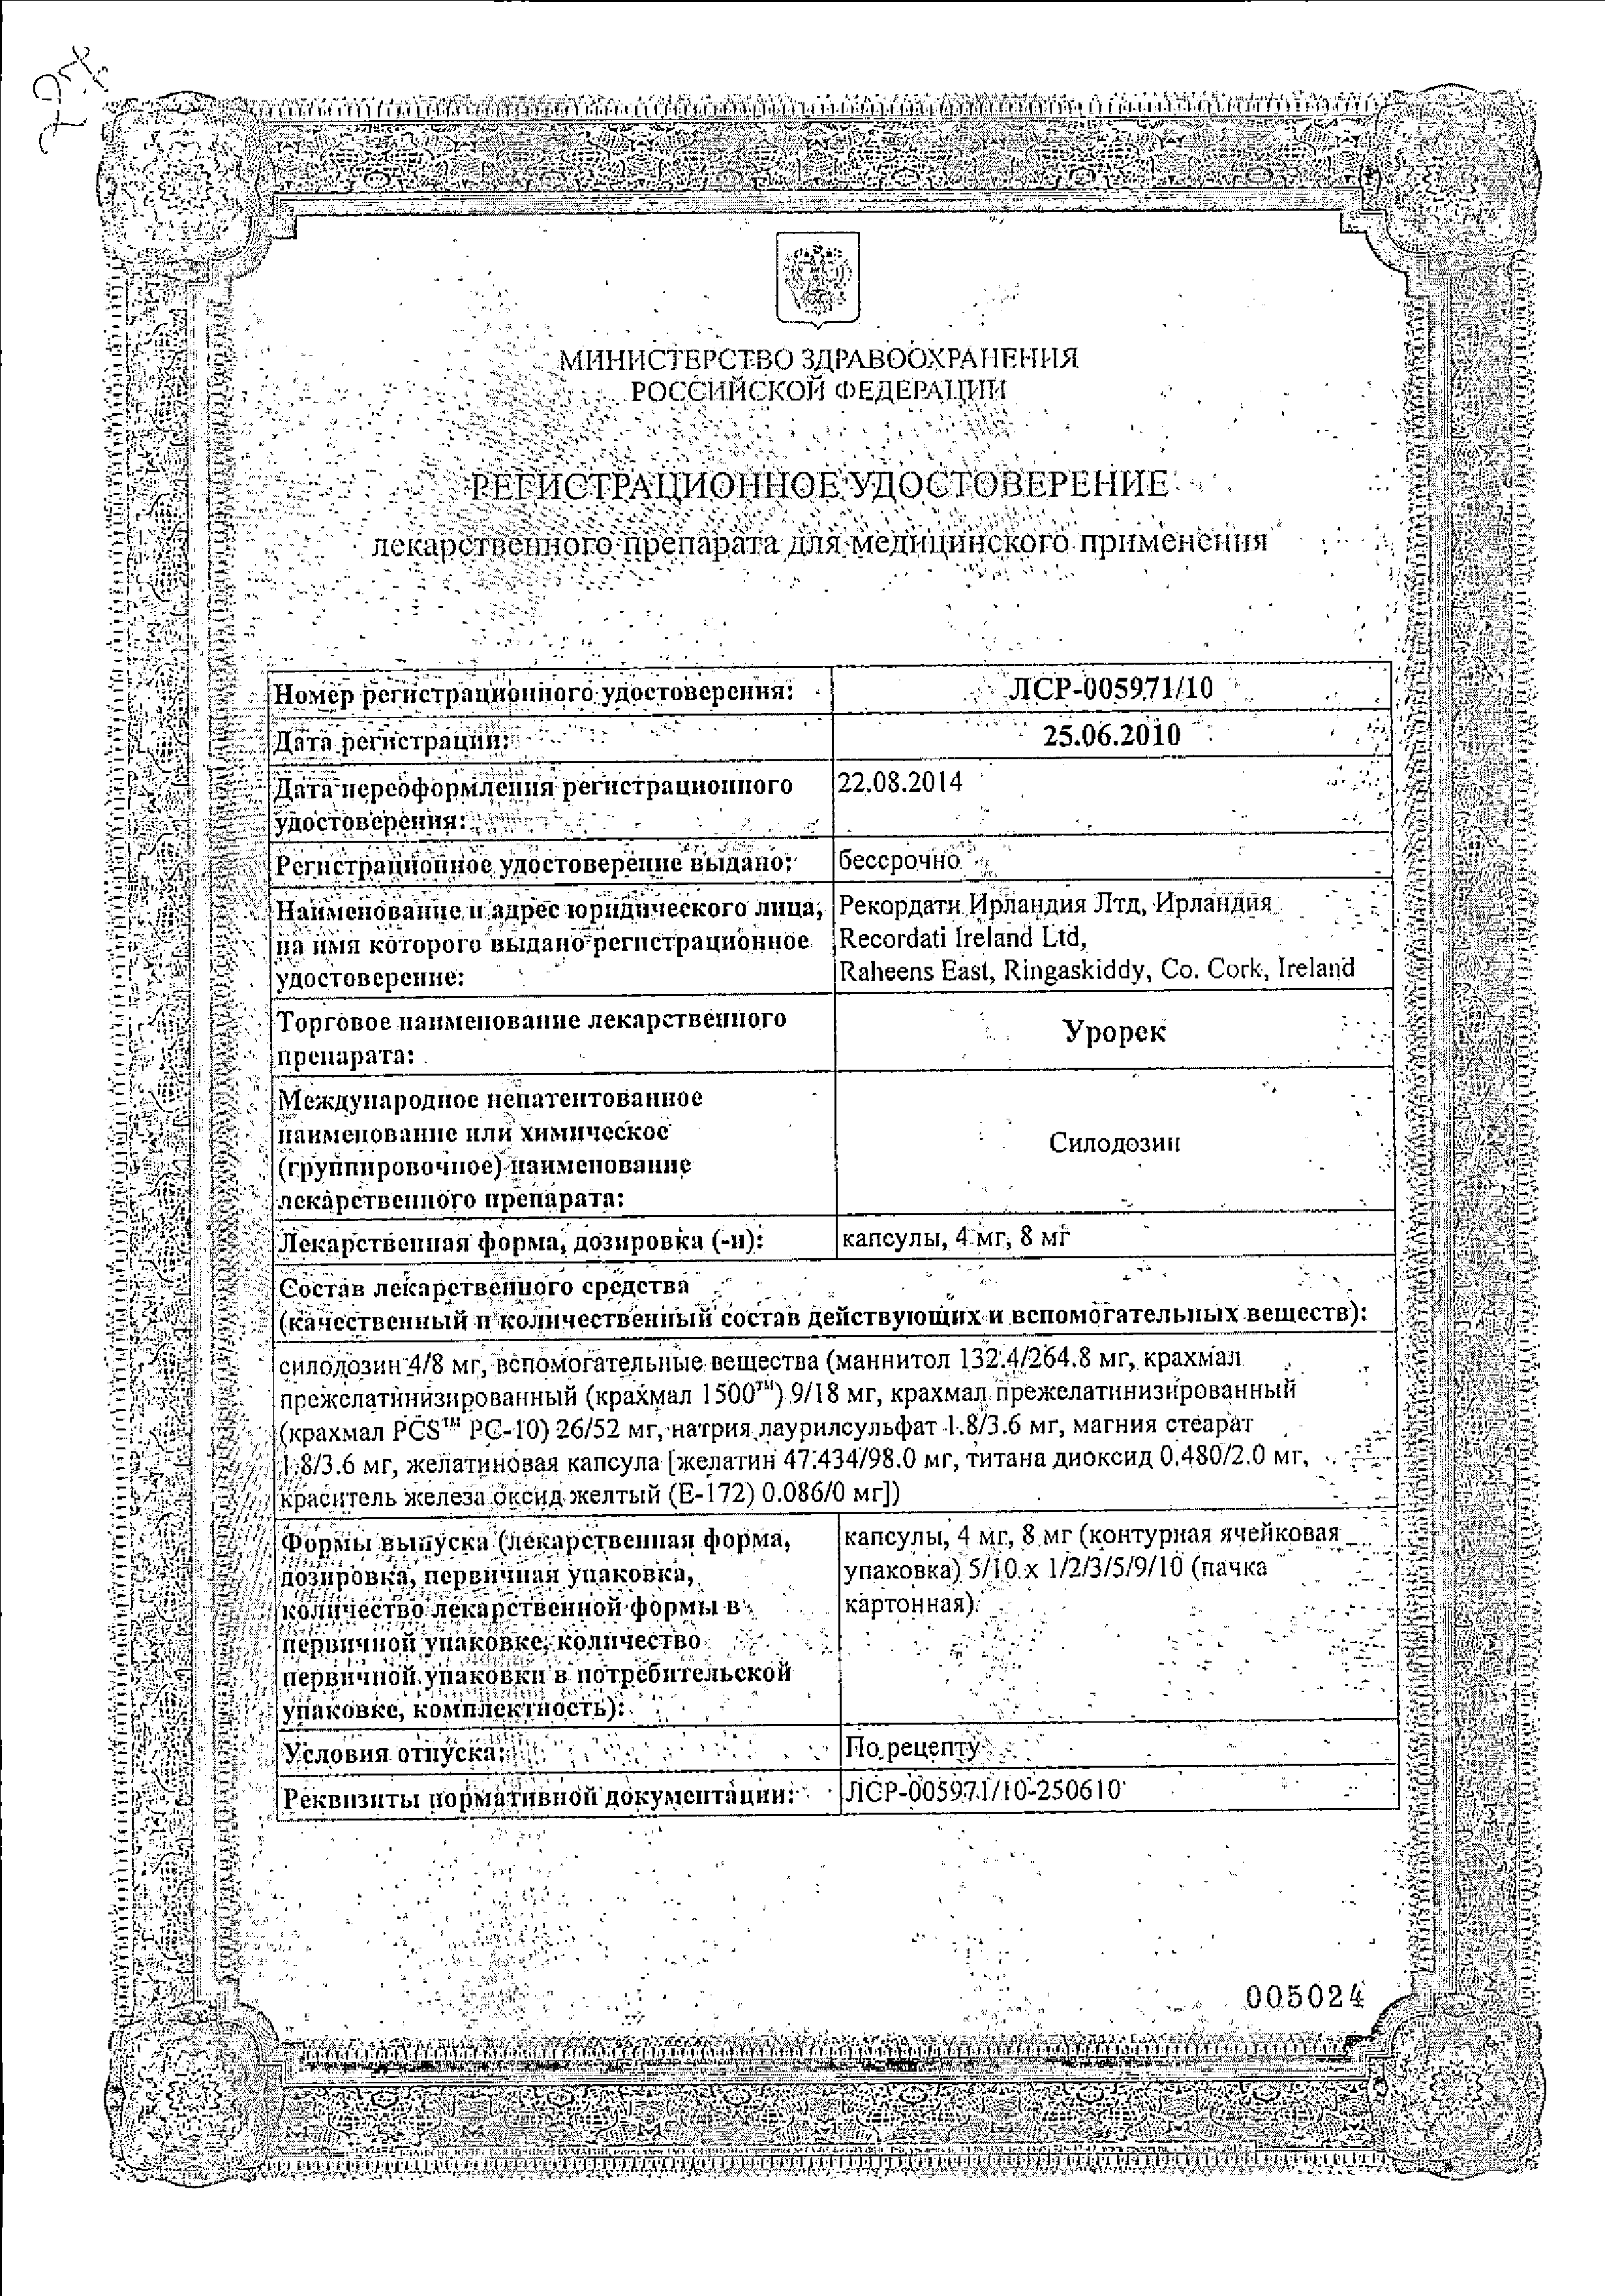 Урорек сертификат